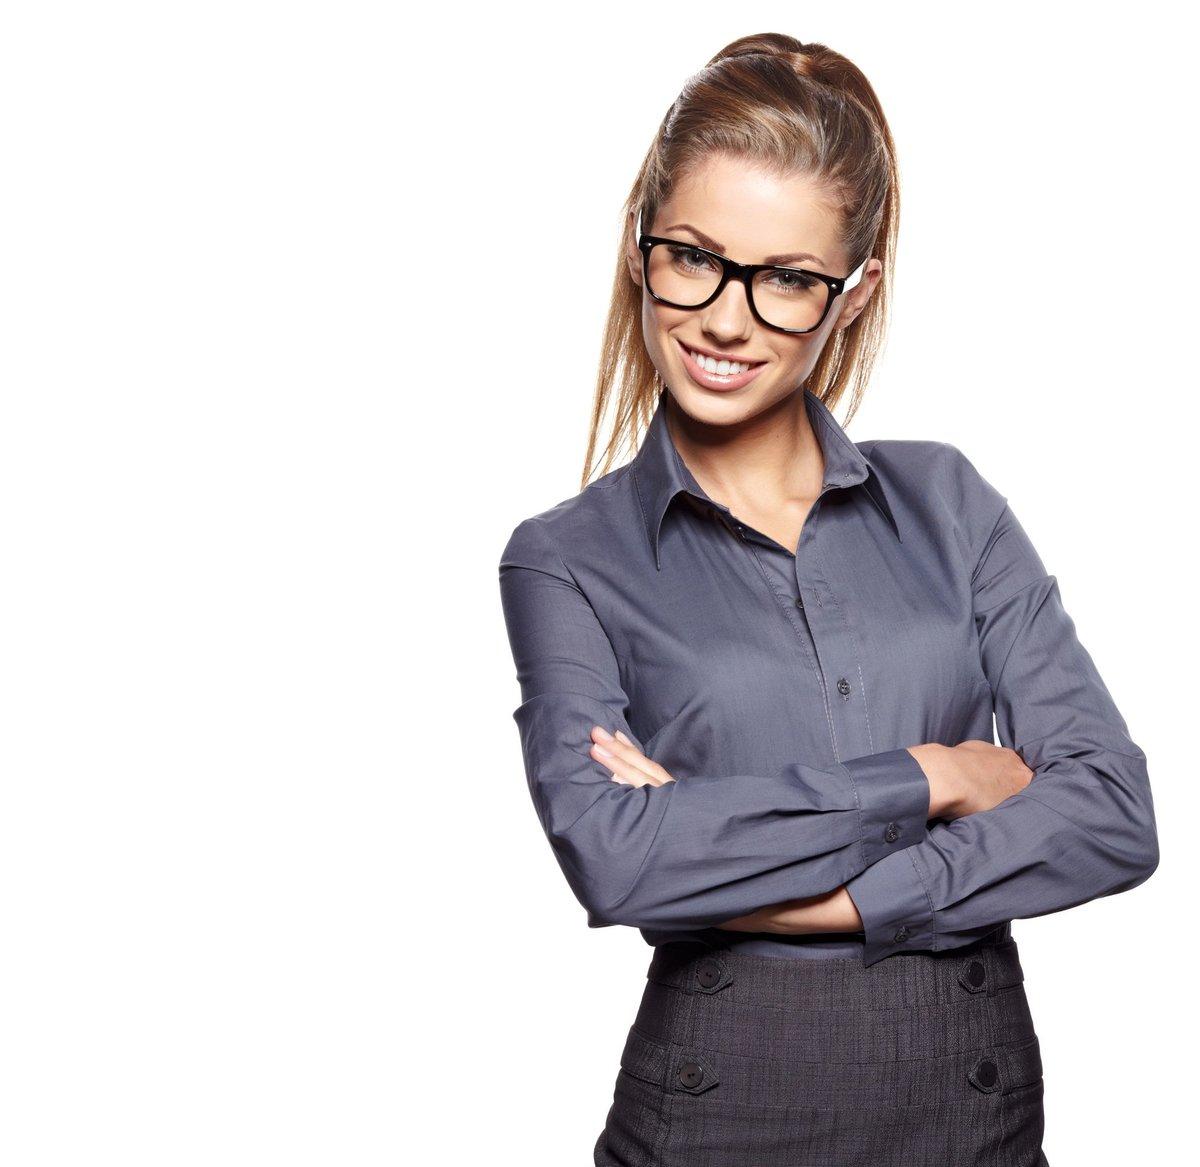 оделась девушка в очках строгих юное сексуально